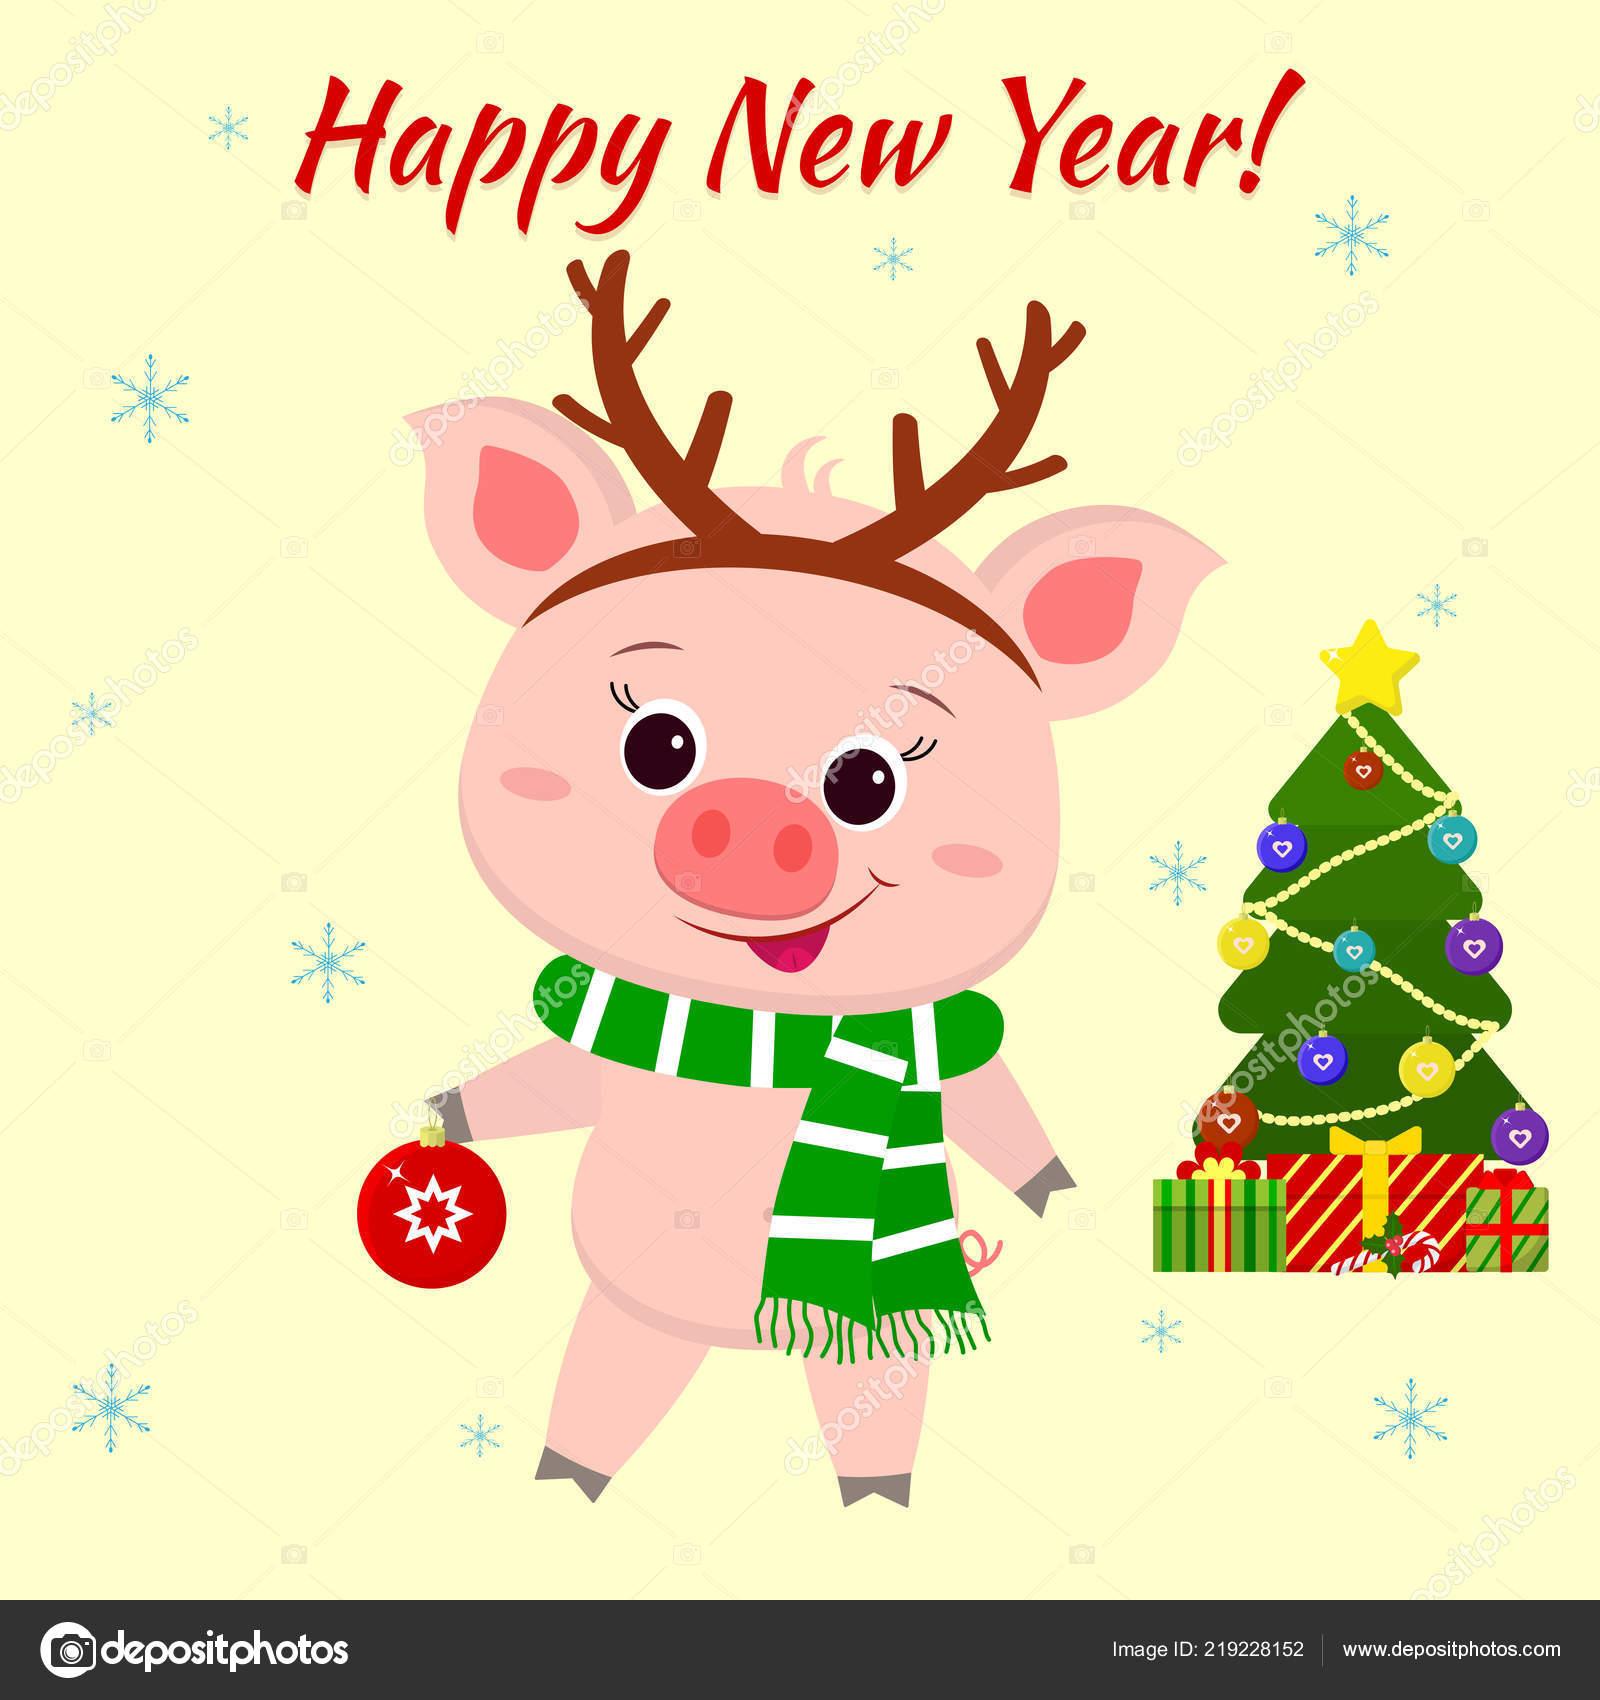 Frohe Weihnachten Katze.Frohes Neues Jahr Und Frohe Weihnachten Grußkarte Niedliche Katze